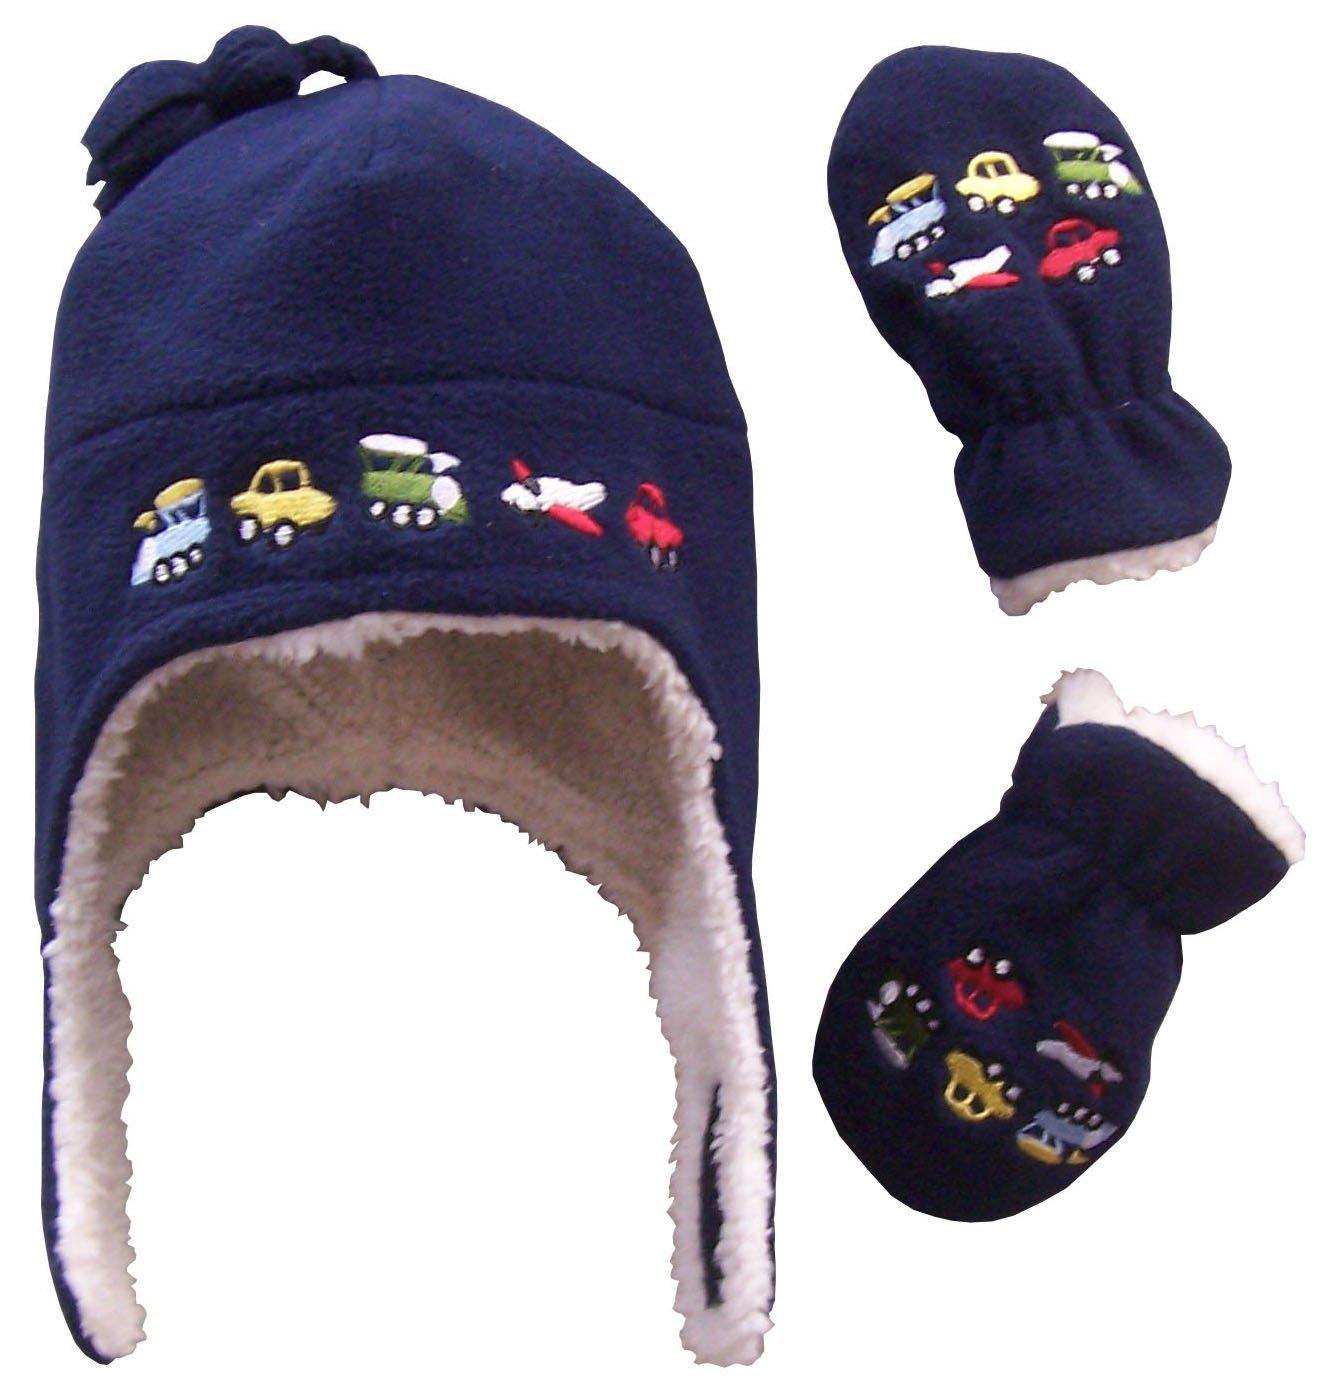 N'Ice Caps – Juego de manoplas para niños y bebés con forro polar bordado